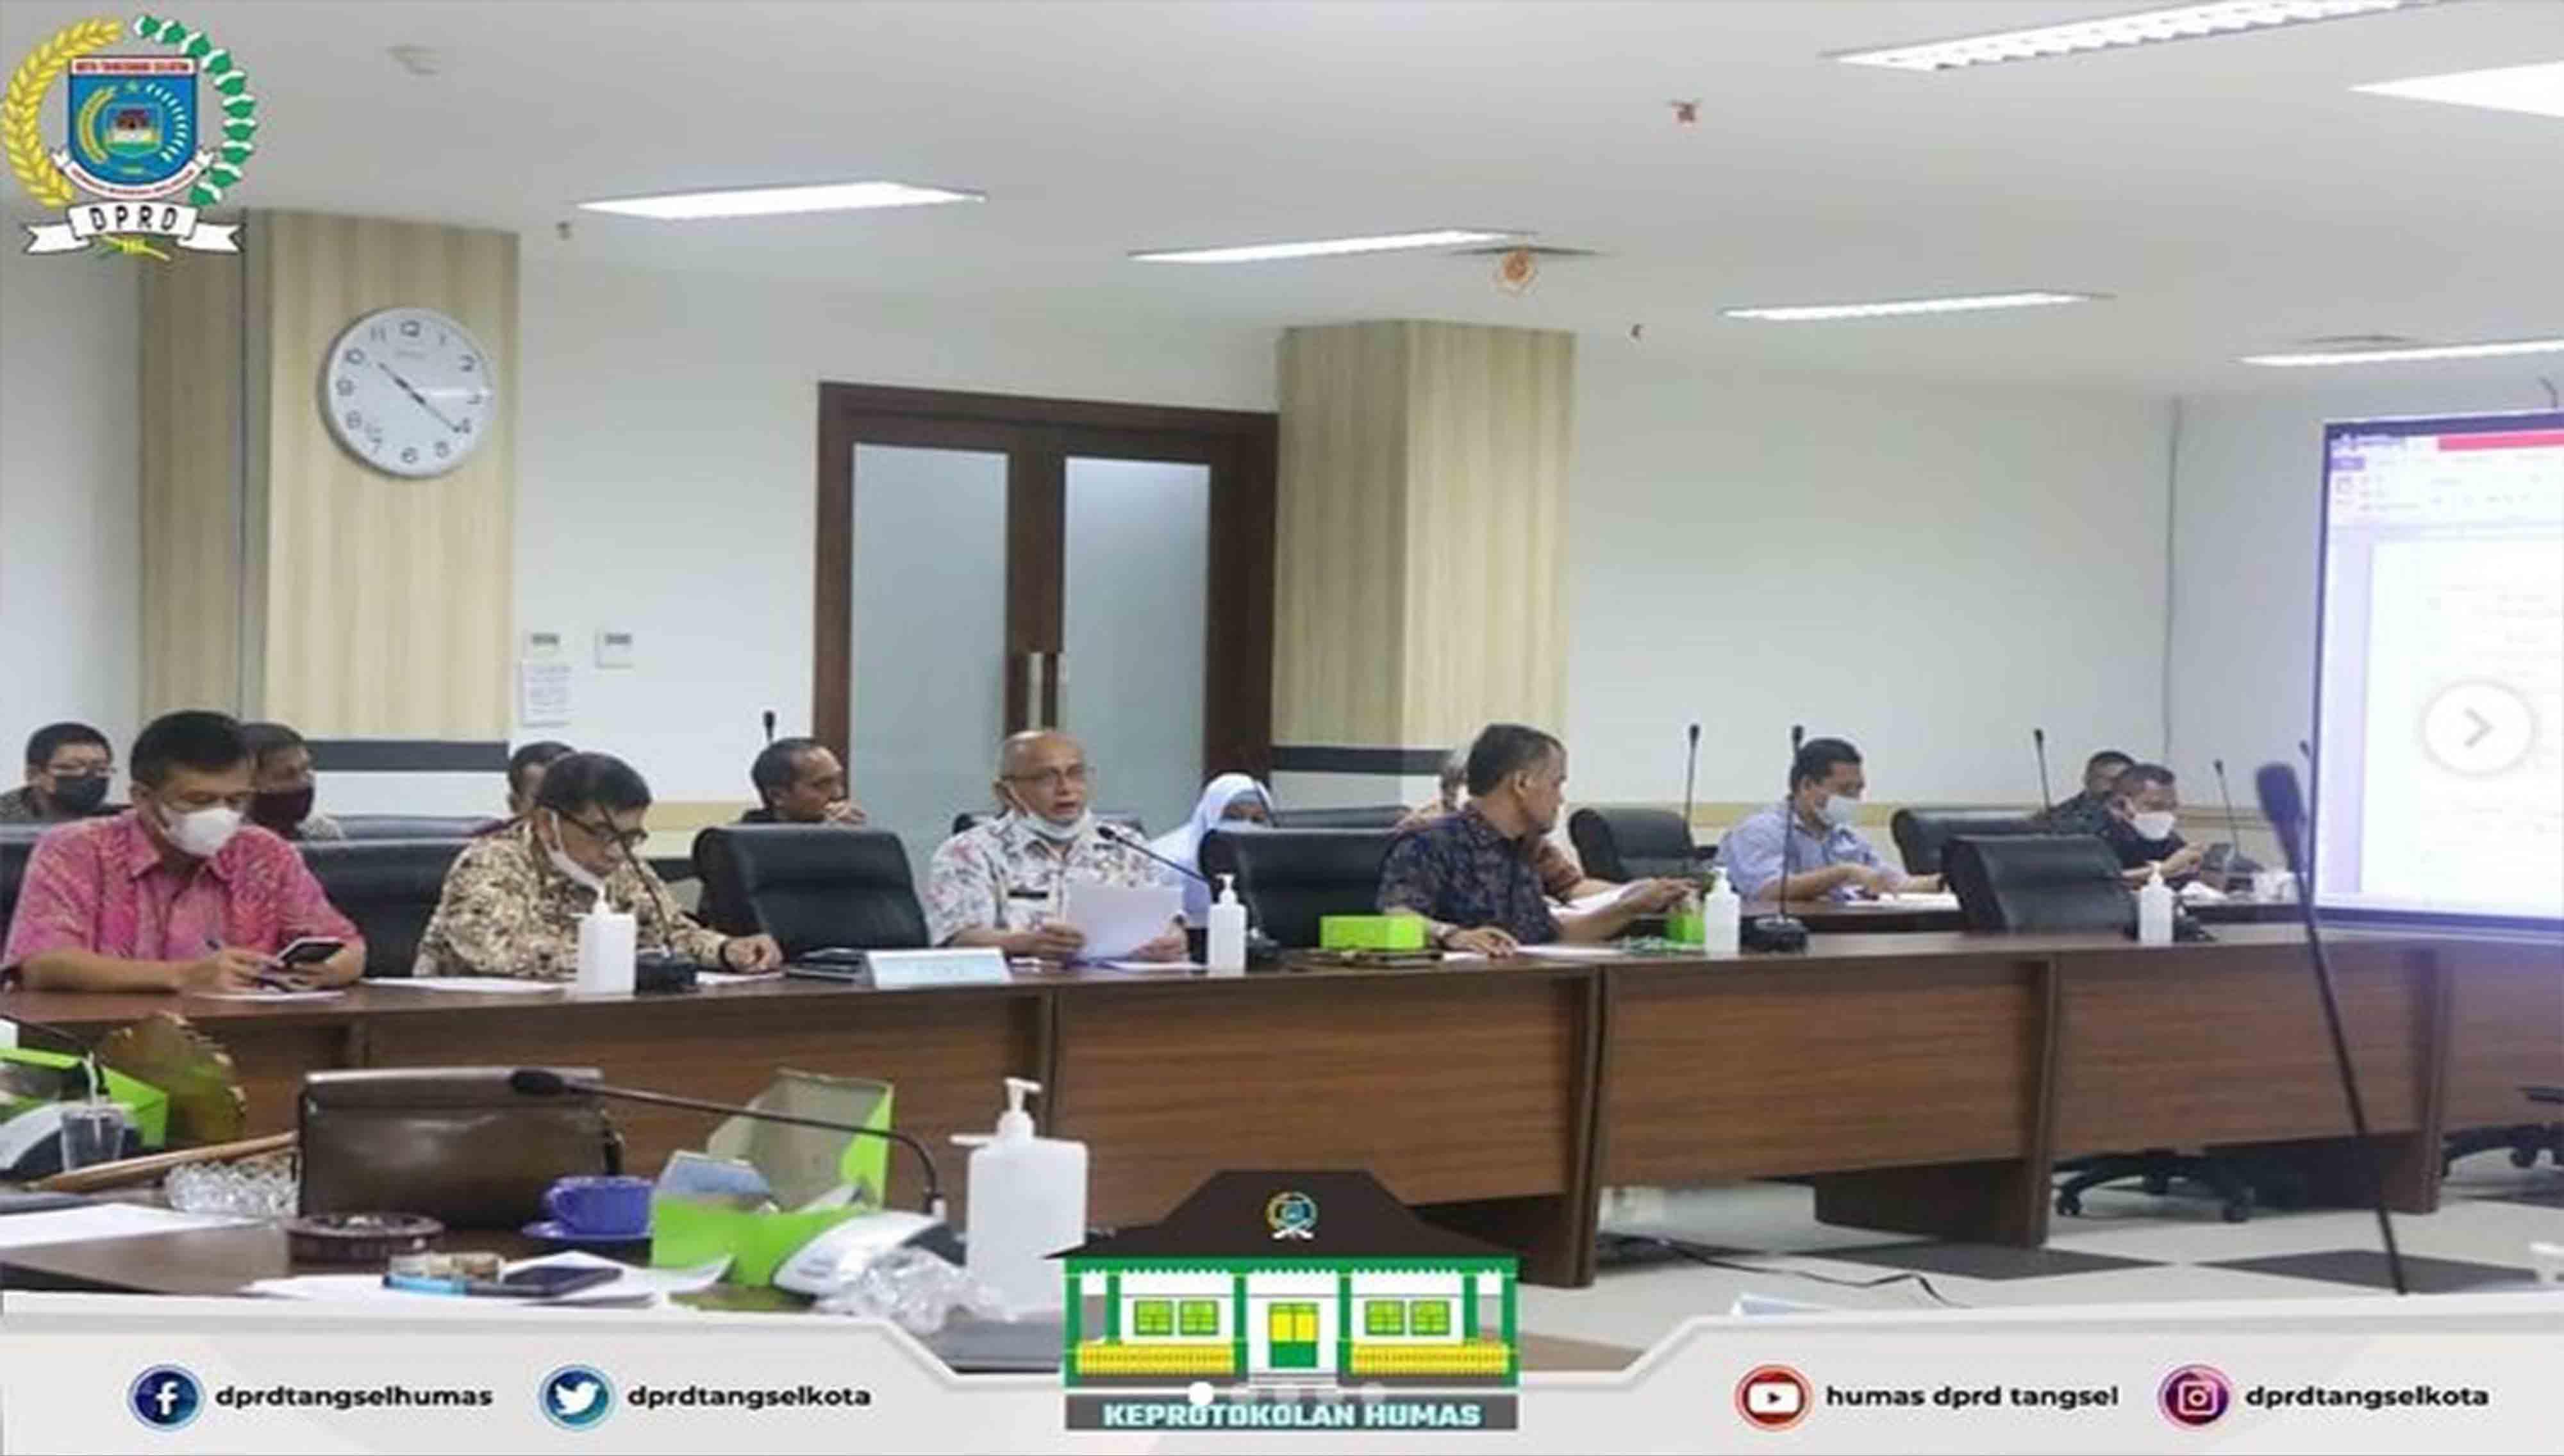 Rapat Badan Musyawarah Penjadwalan Kegiatan Alat Kelengkapan DPRD